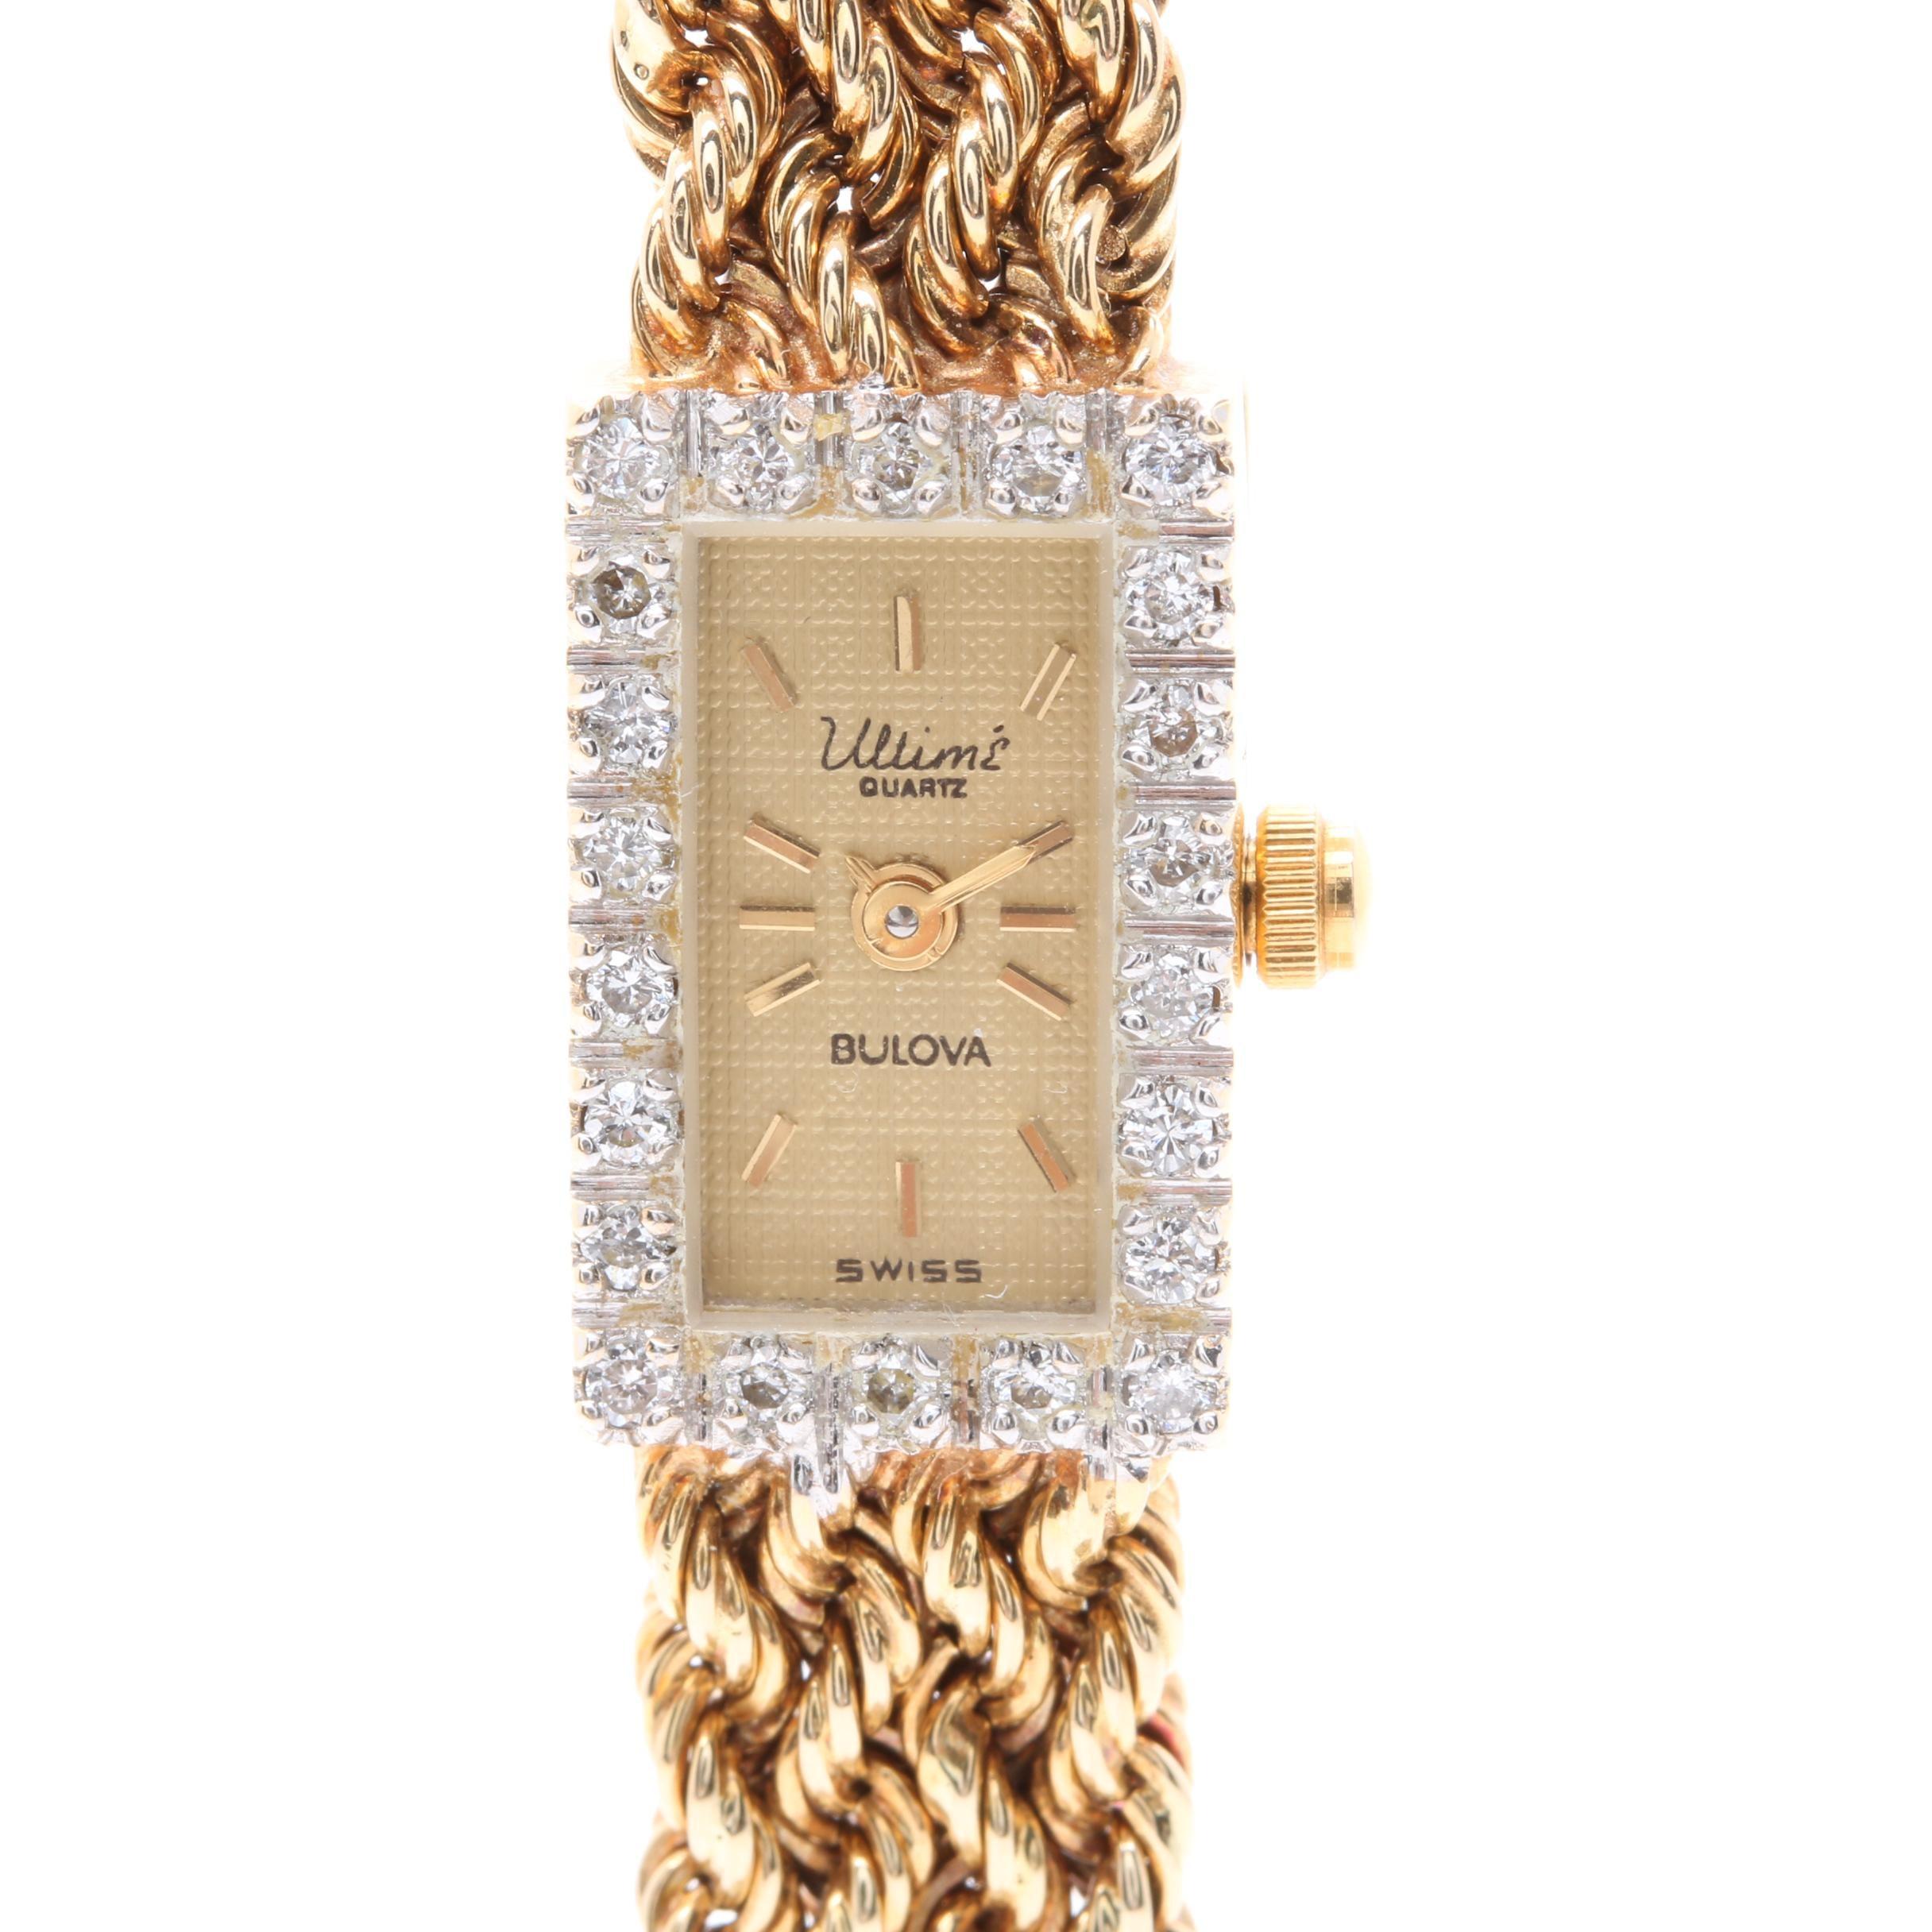 Bulova 14K Yellow Gold Diamond Wristwatch with Box